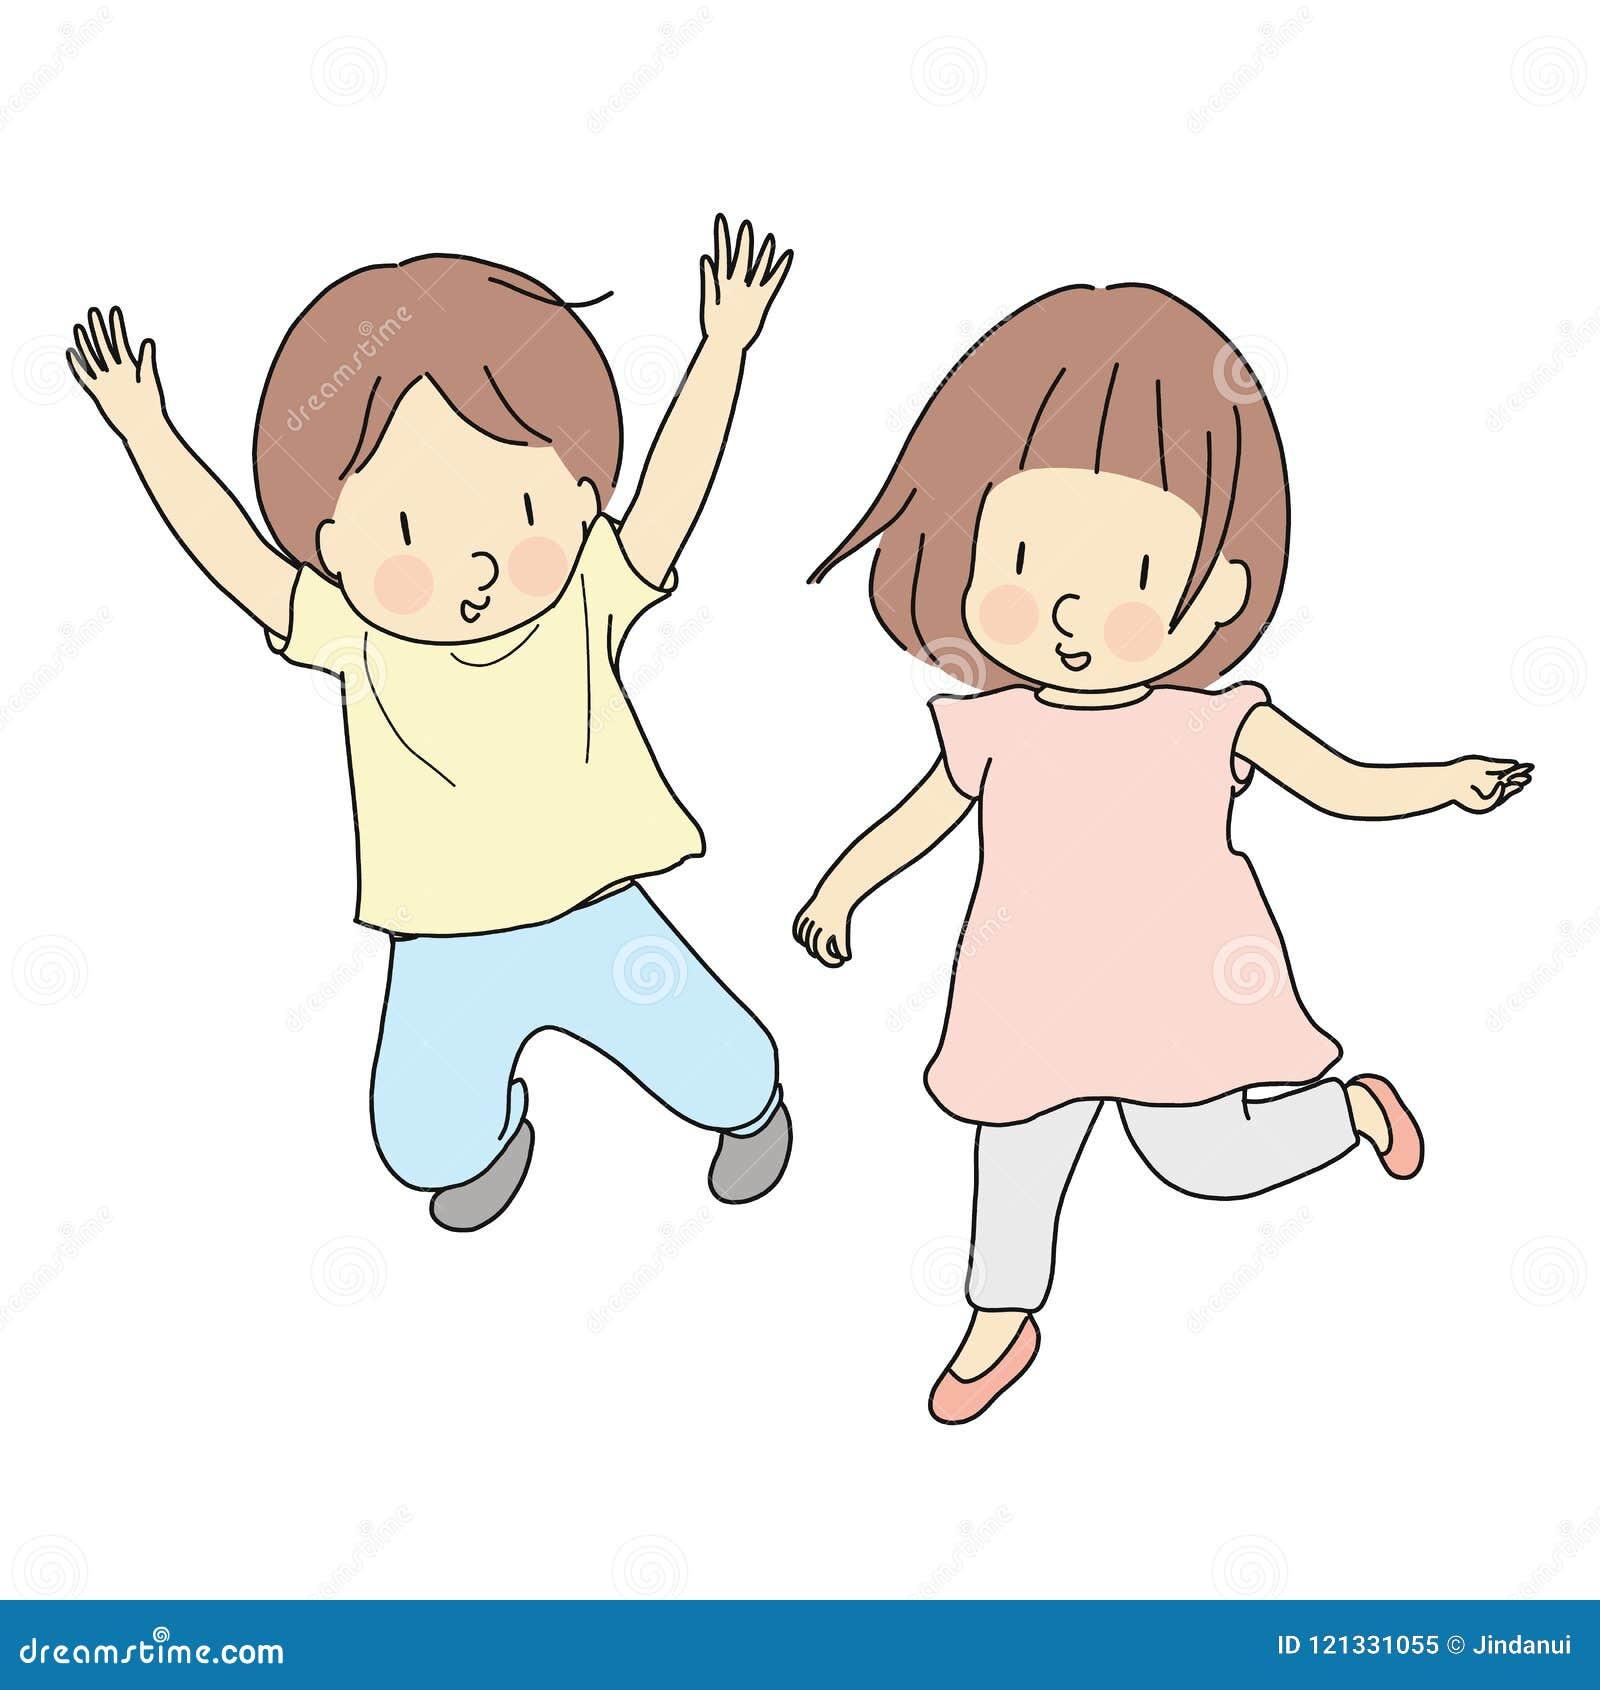 Διανυσματική απεικόνιση δύο παιδιών που πηδούν από κοινού Πρόωρη ανάπτυξη παιδικής ηλικίας, ευτυχής κάρτα ημέρας παιδιών, παιχνίδ